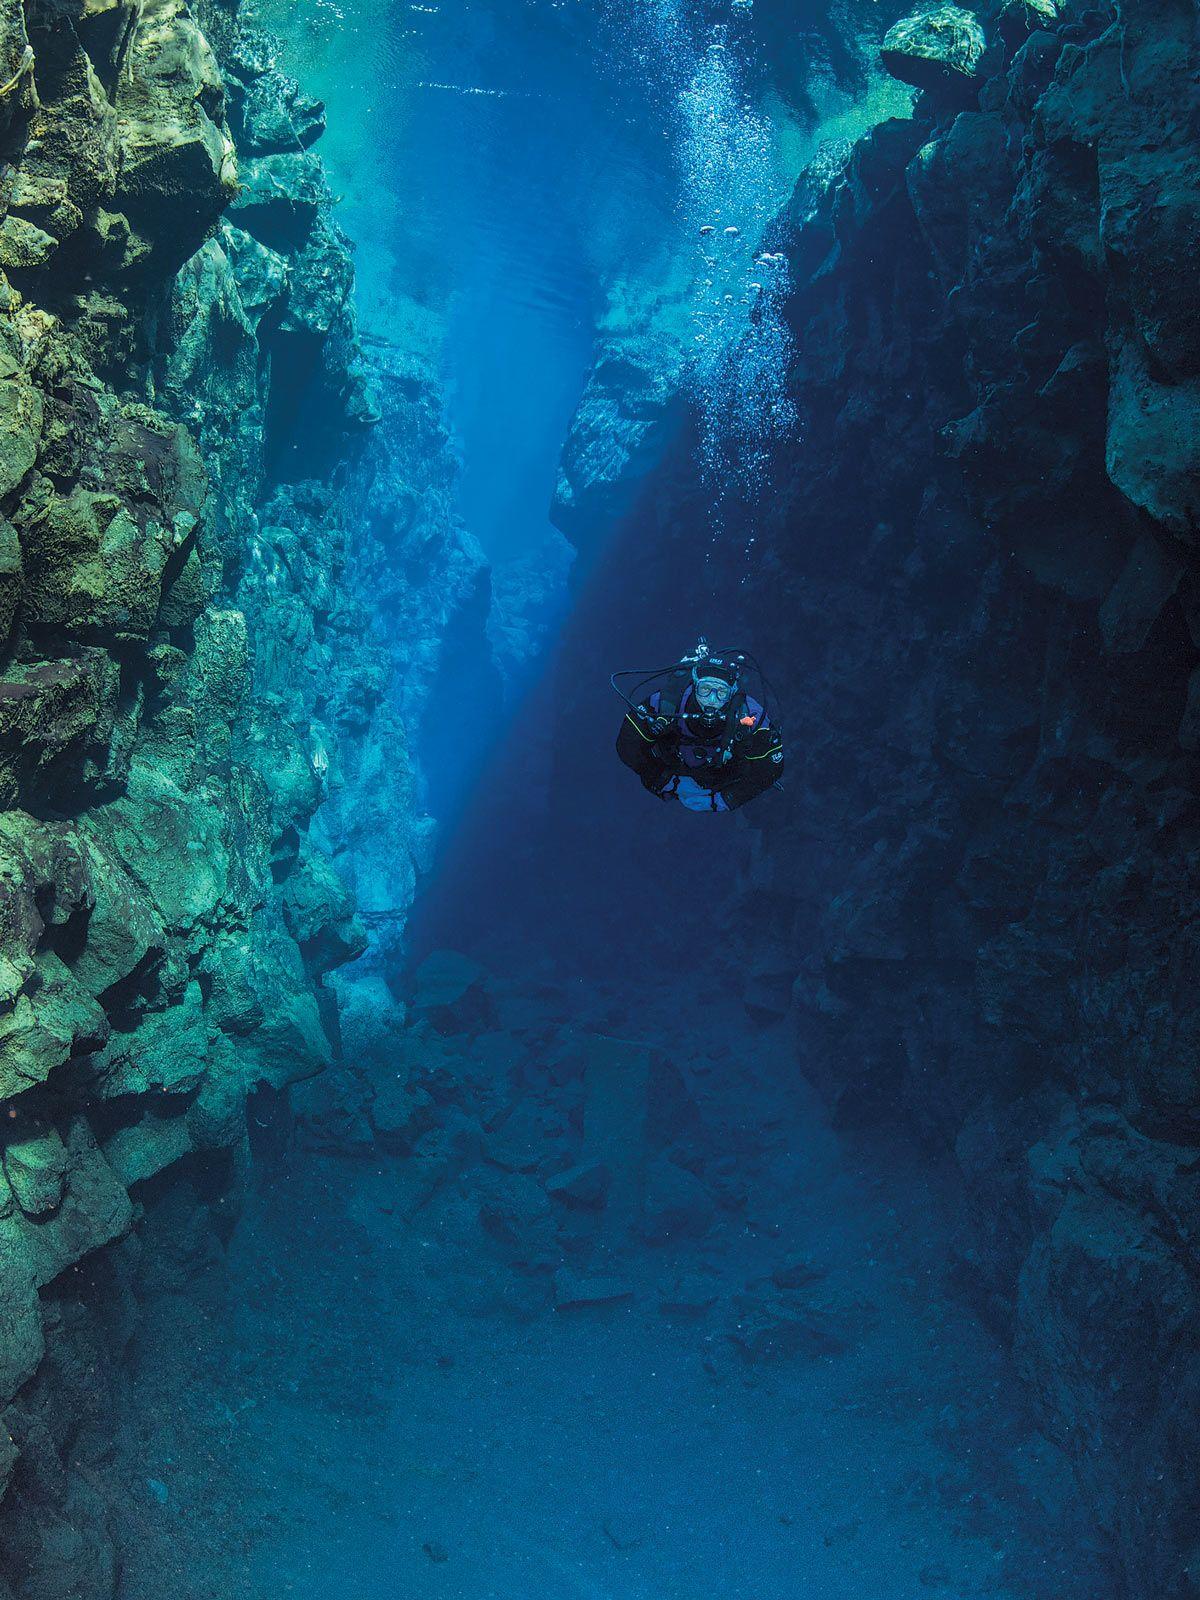 scuba diver in Iceland - Silfra crack